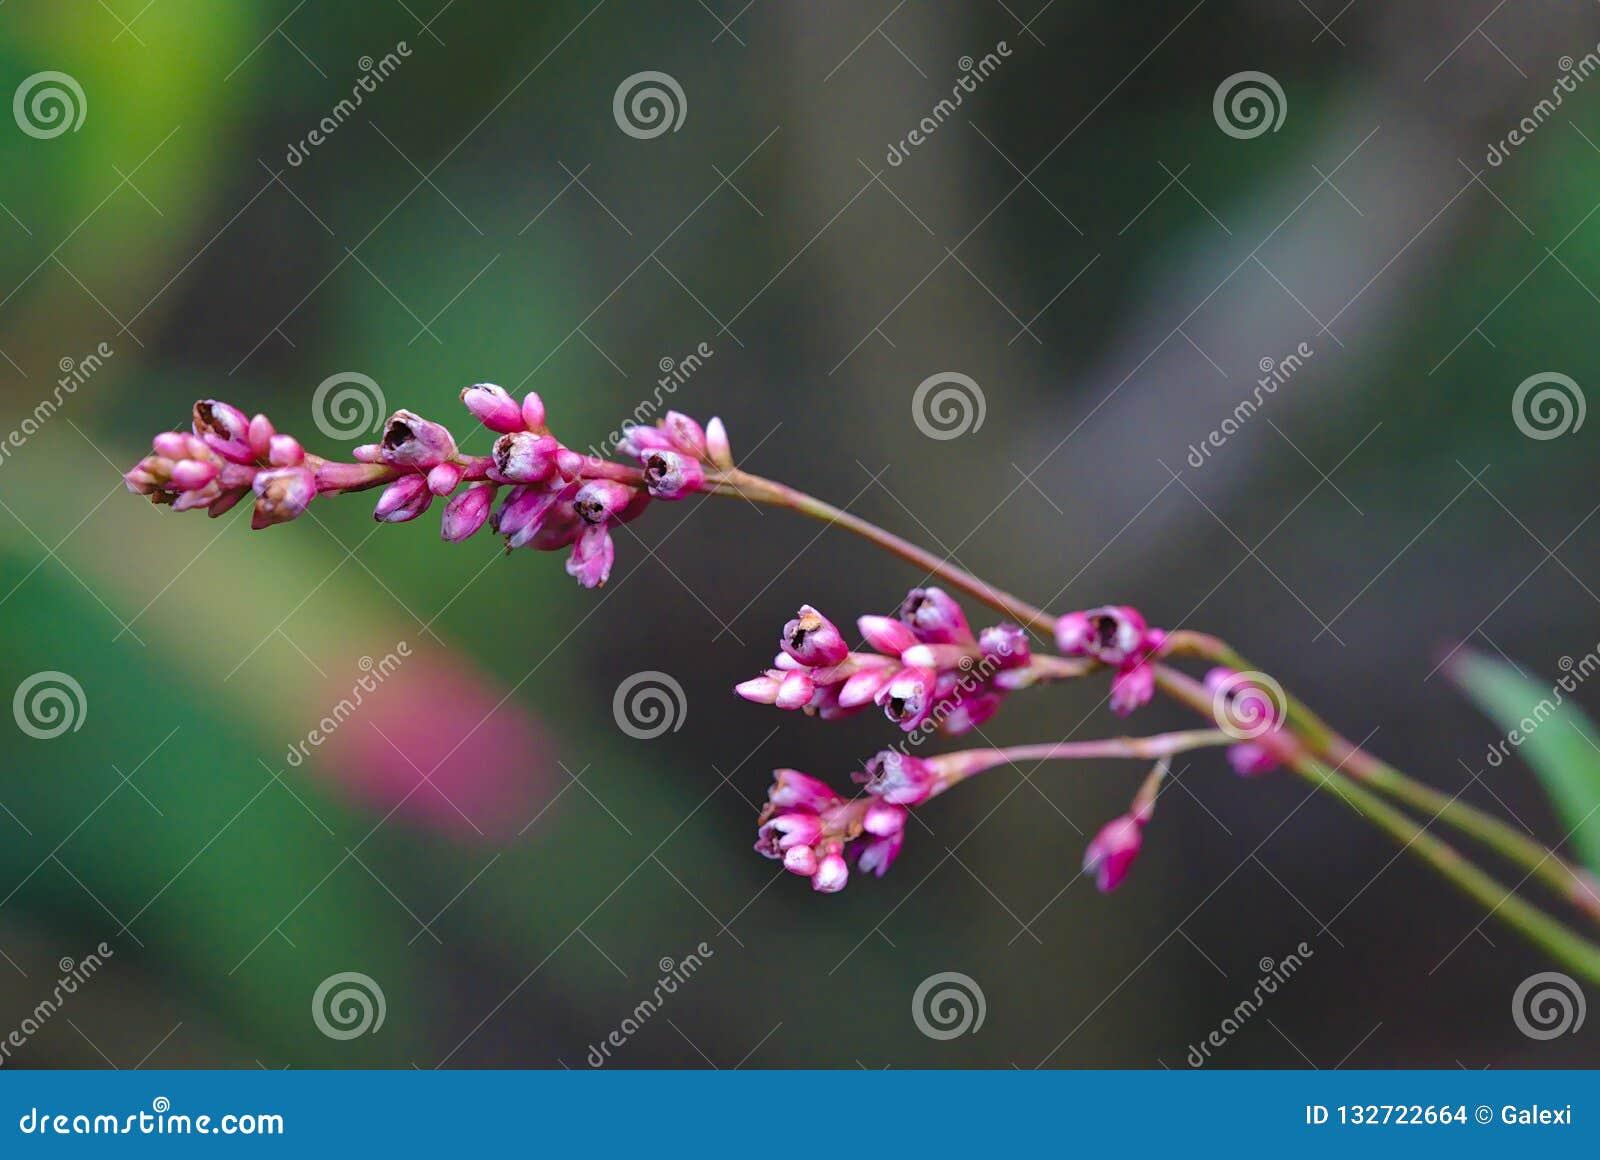 Germogli di fiore rosa sboccianti